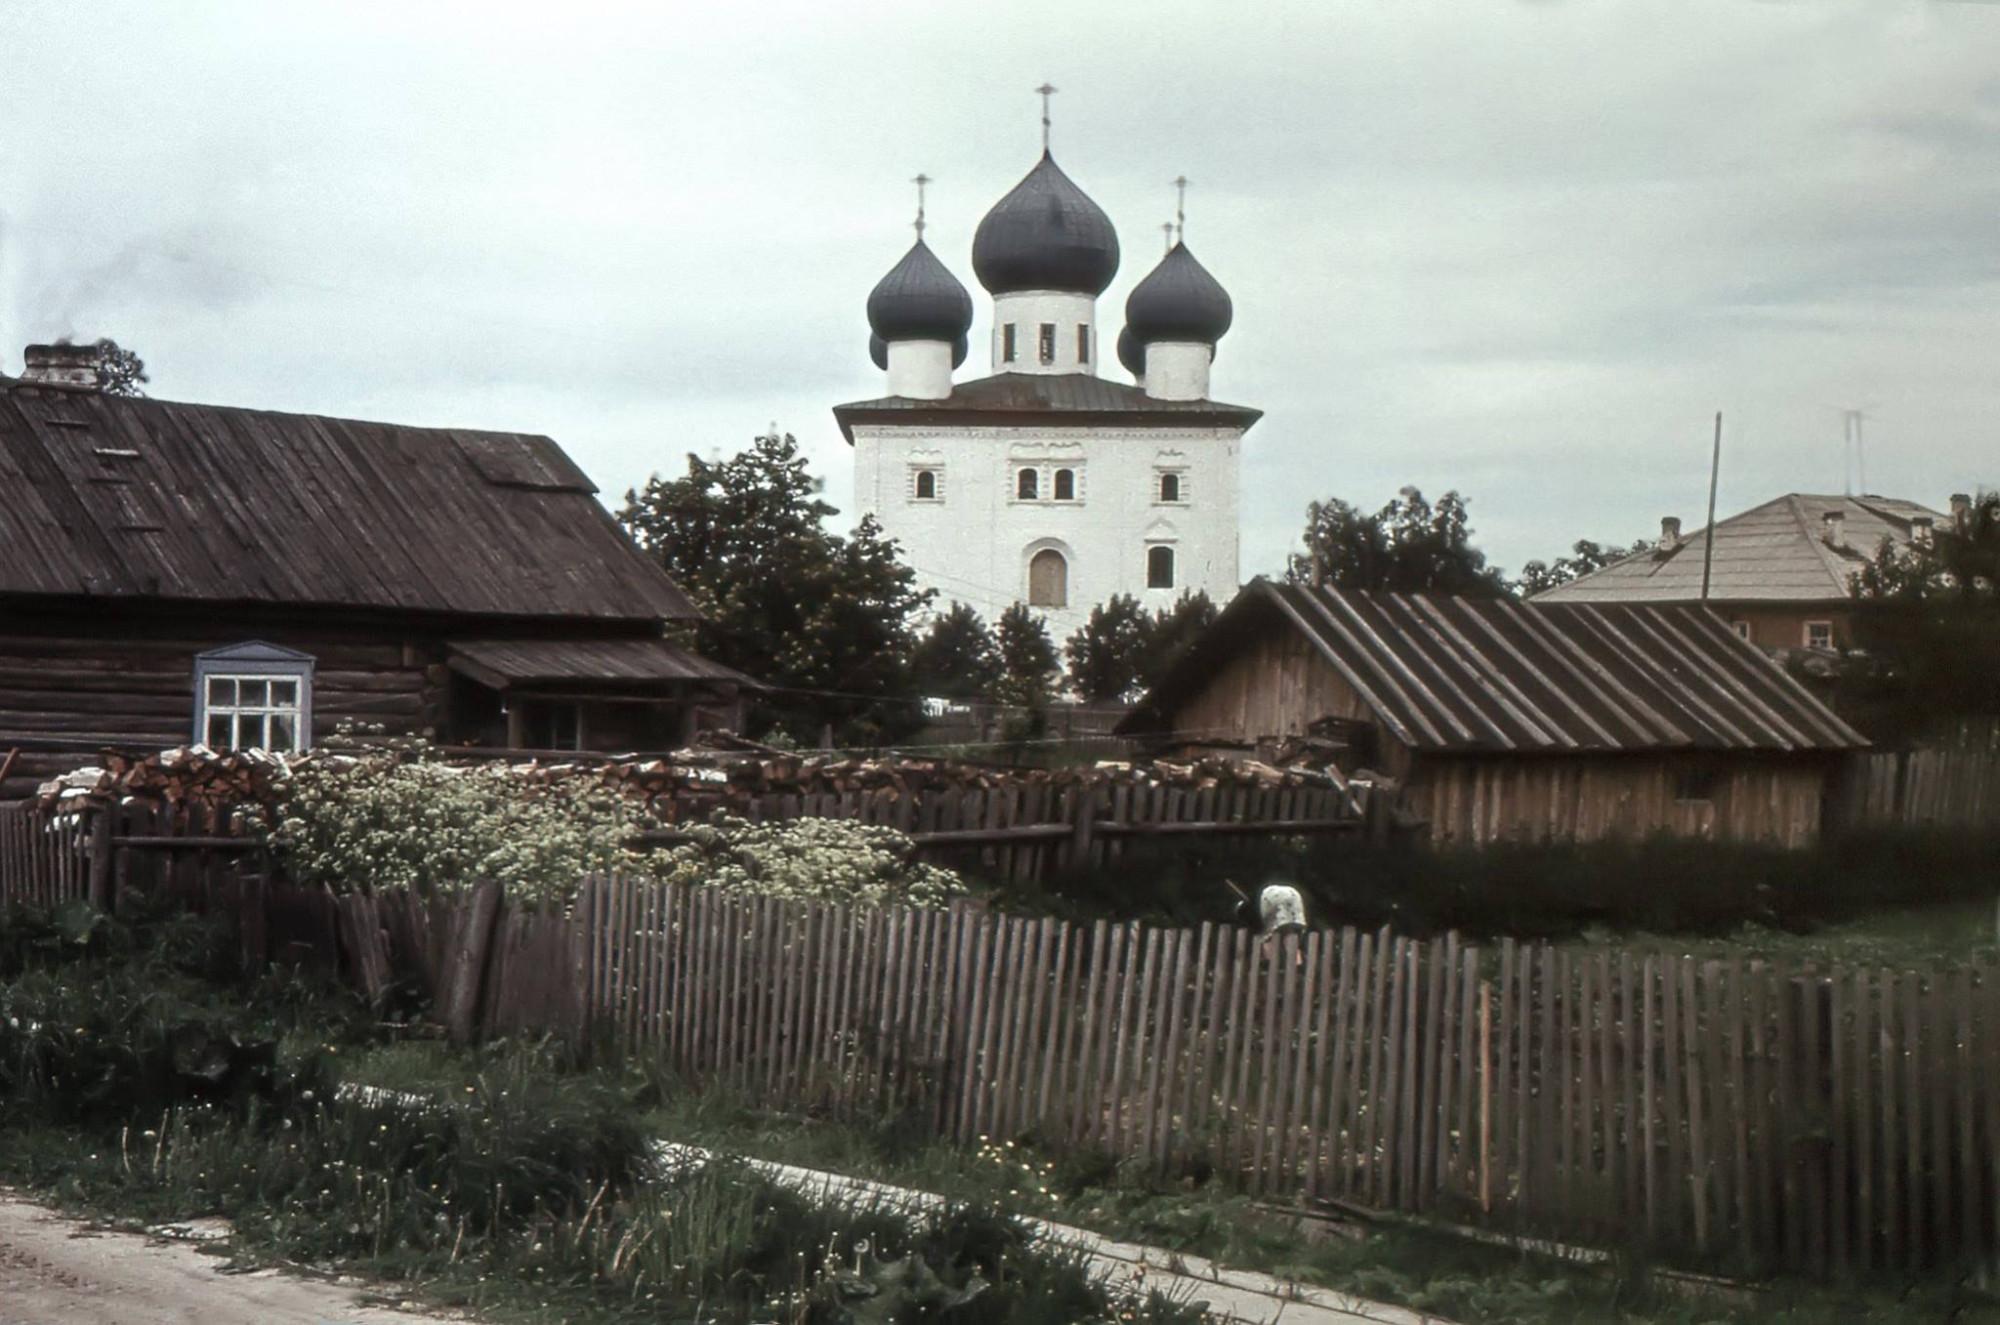 1965-71 Благовещенская церковь в Каргополе. Доррендорф